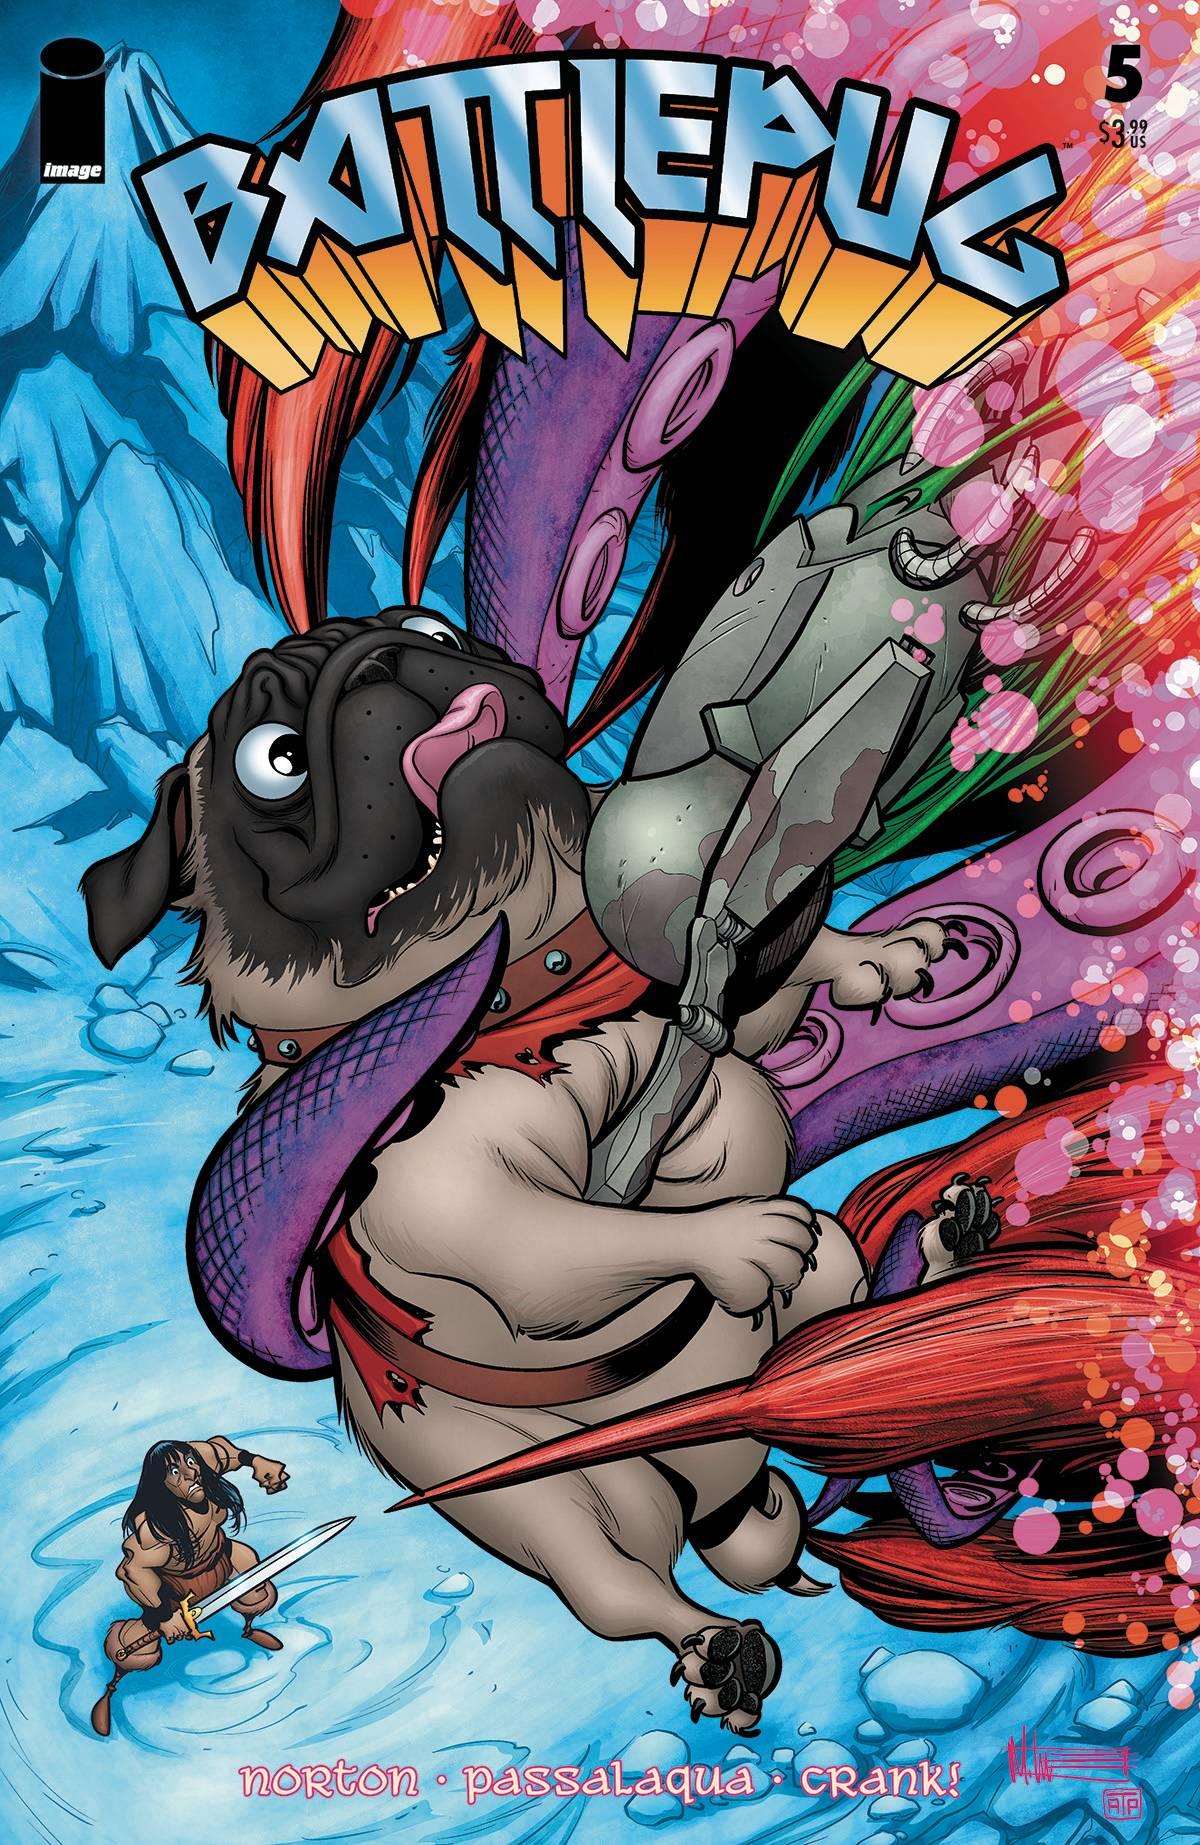 Battlepug #5 (2020)